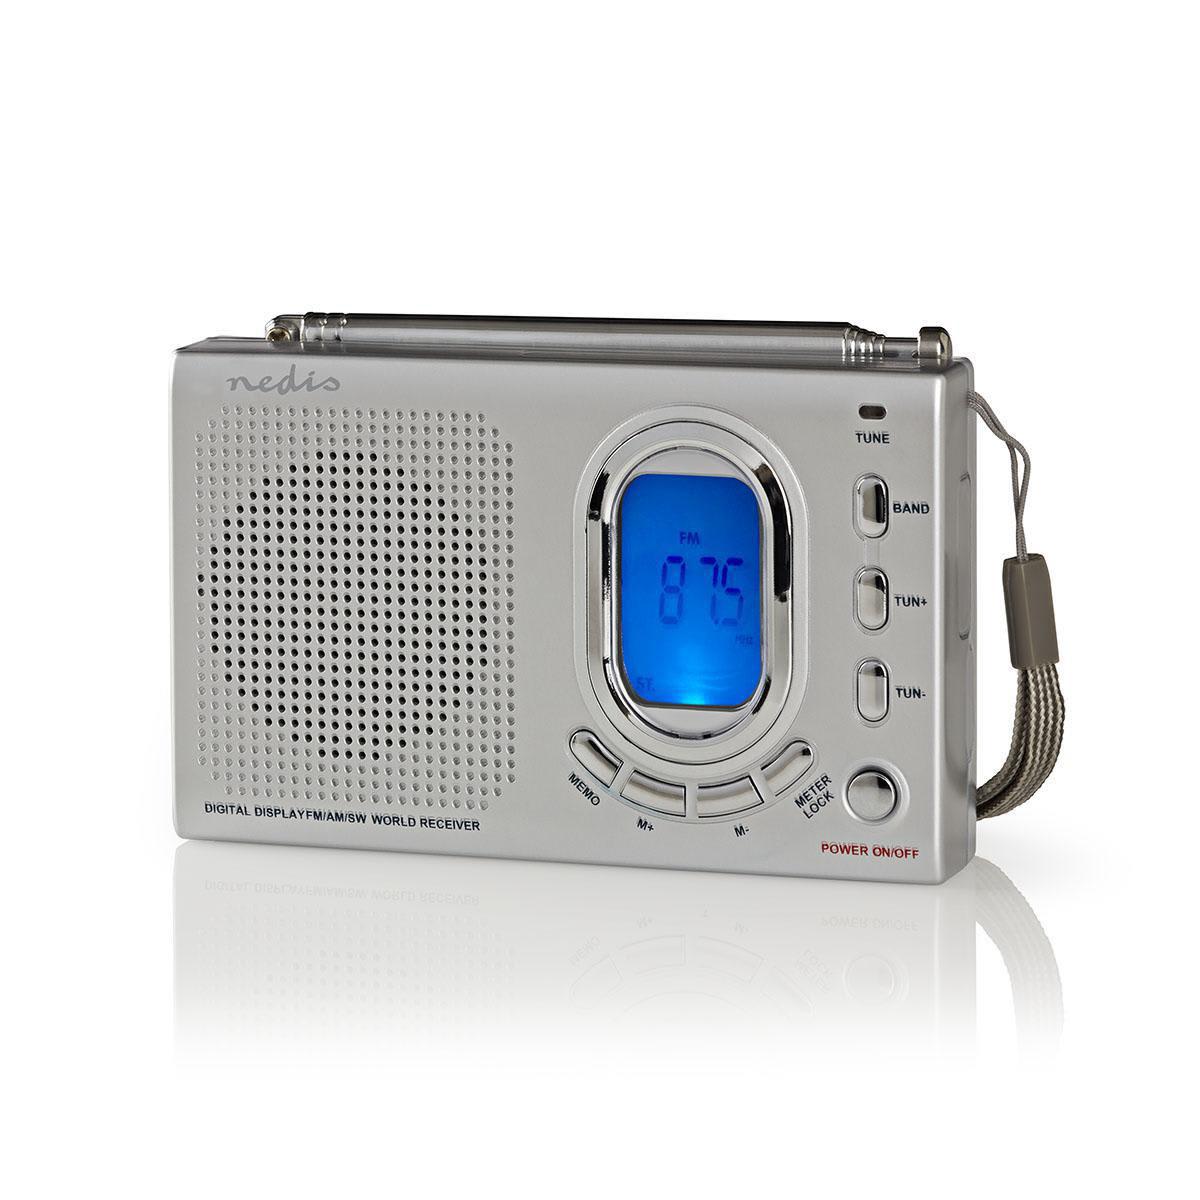 Maailmanradio